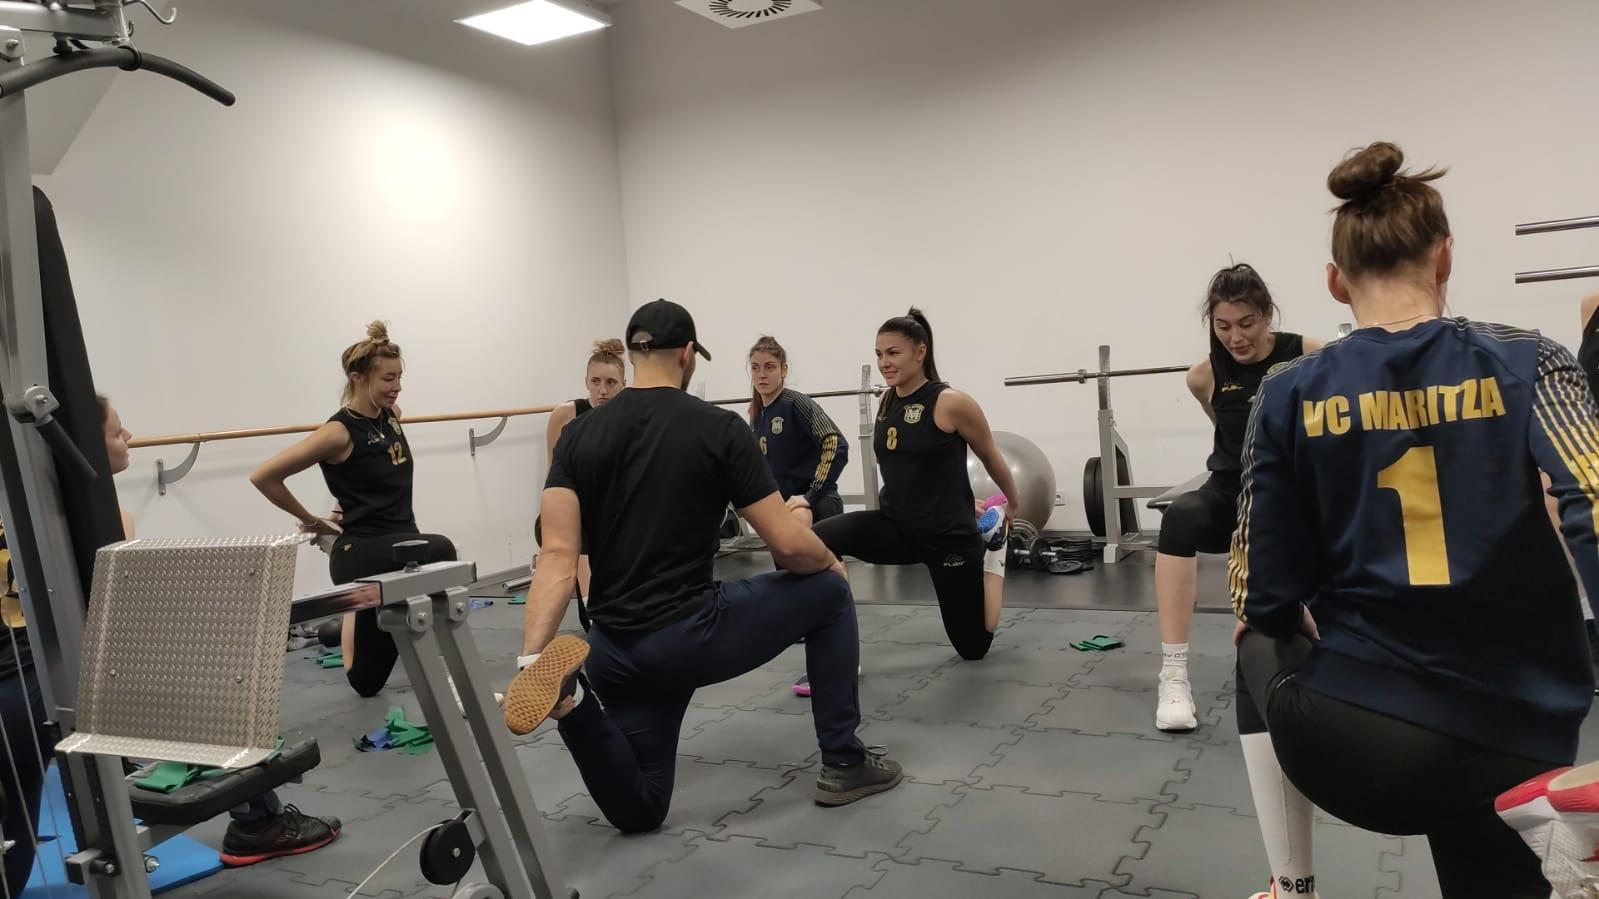 Женският волейболен шампион на България Марица (Пловдив) пристигна в полския